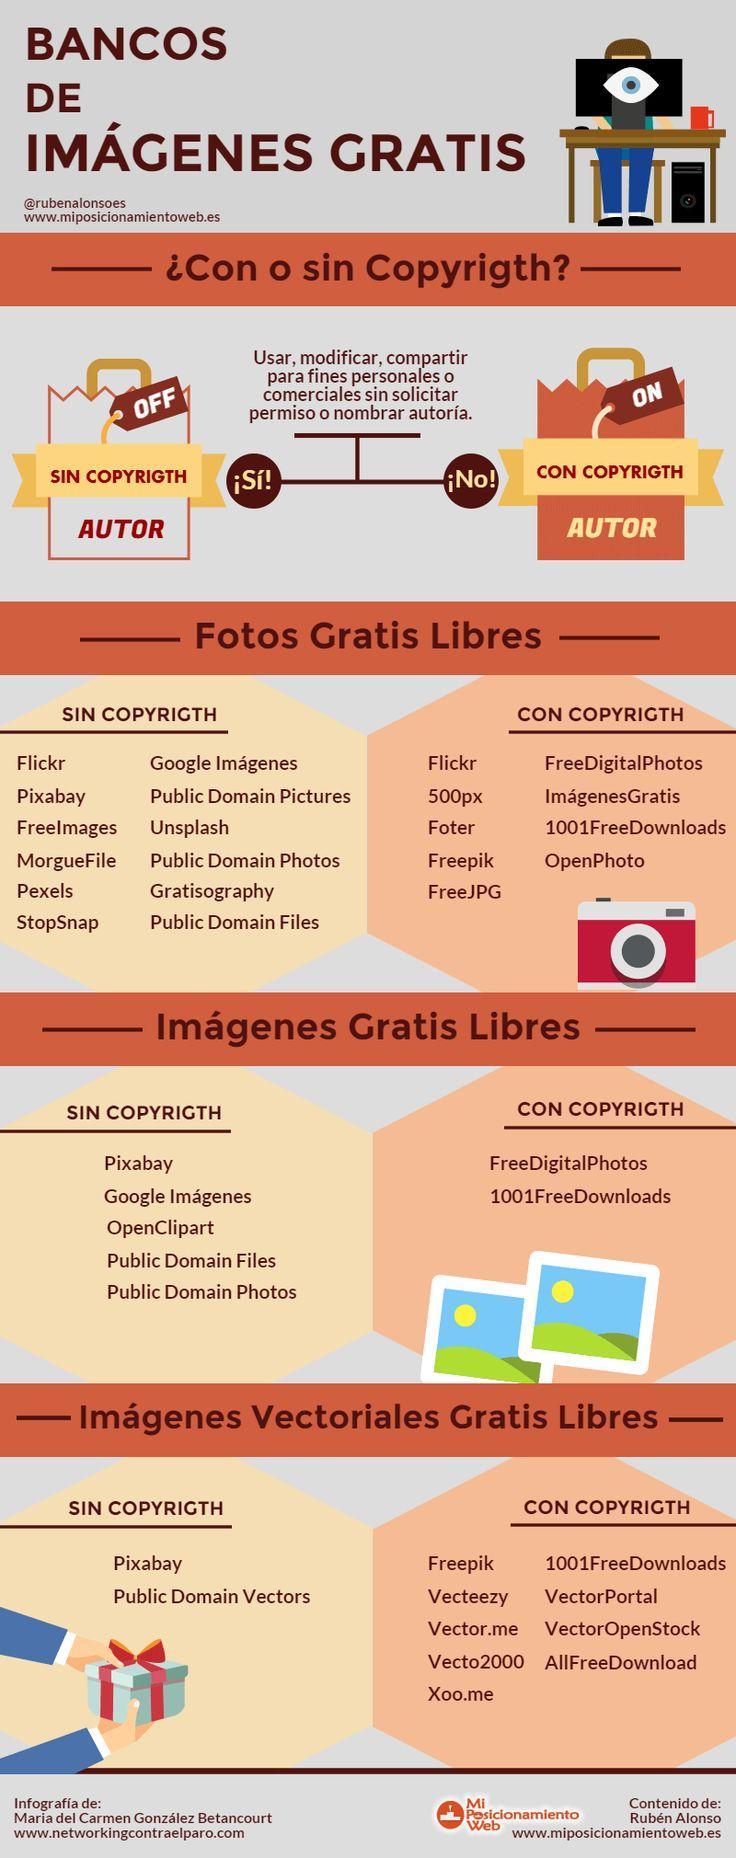 Bancos de imágenes gratis #infografia #infographic #design | TICs y Formación